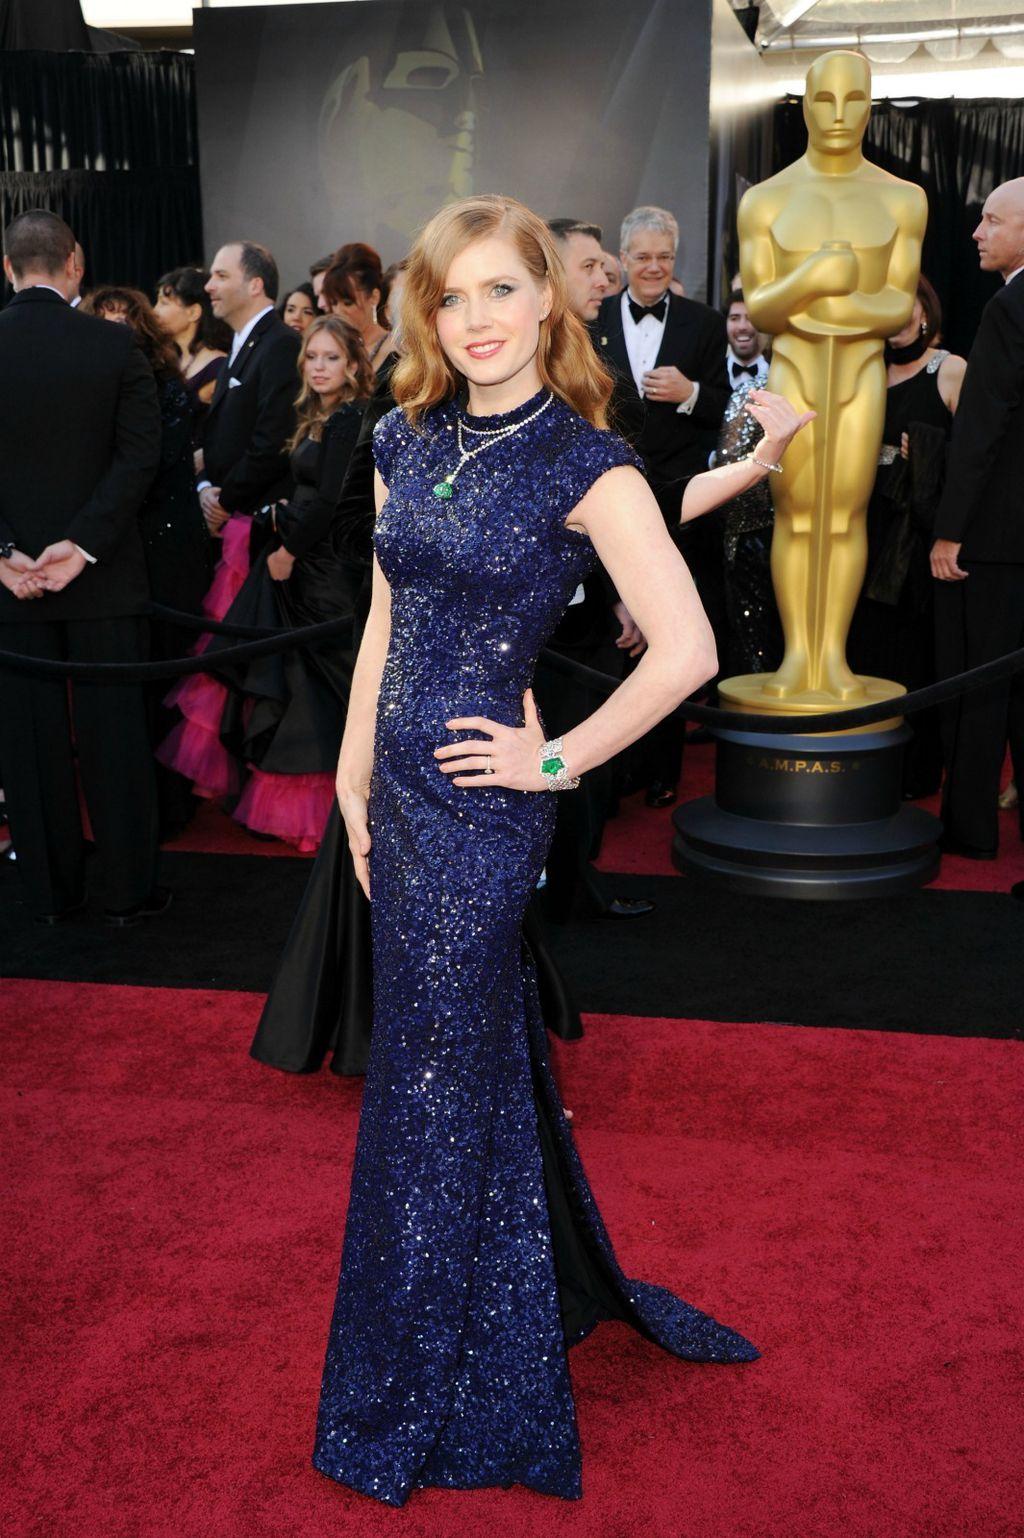 Zvijezde u tamnoplavim haljinama - 6